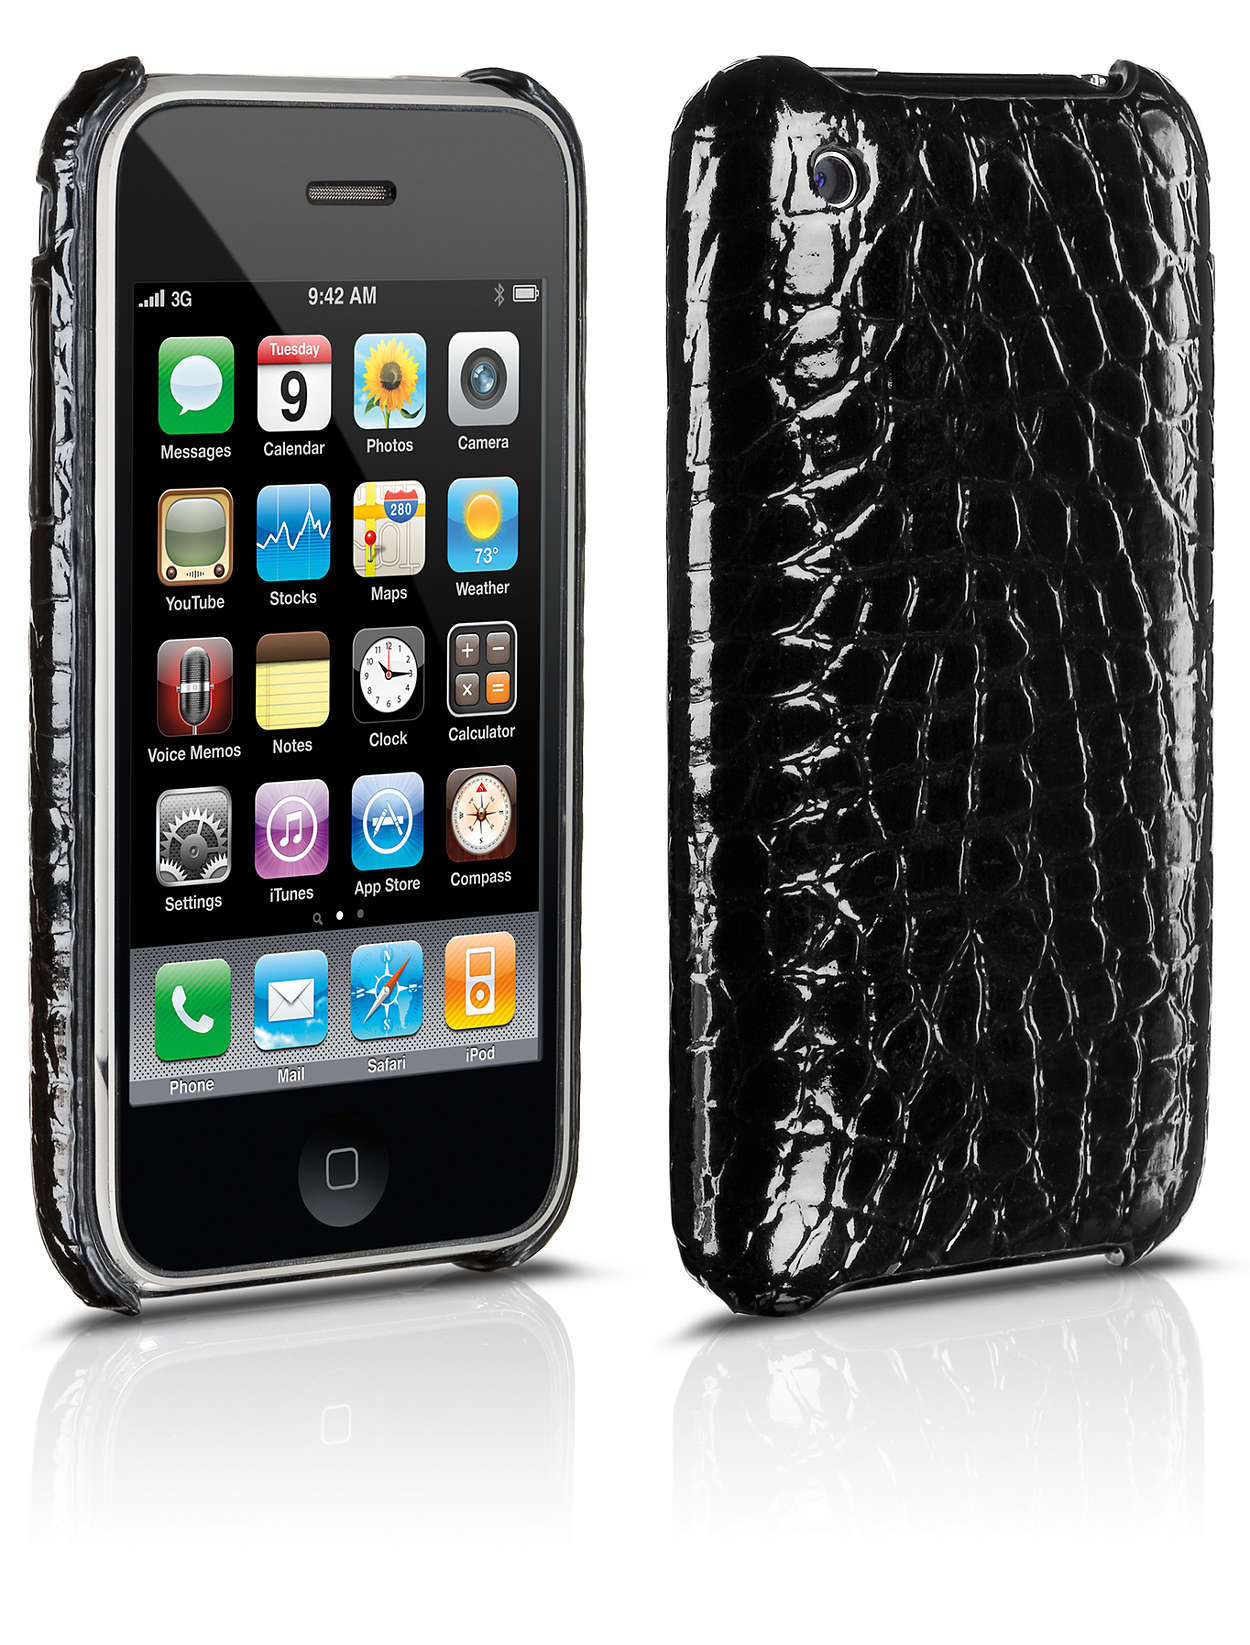 Ochrana zařízení iPhone vosobitém stylu